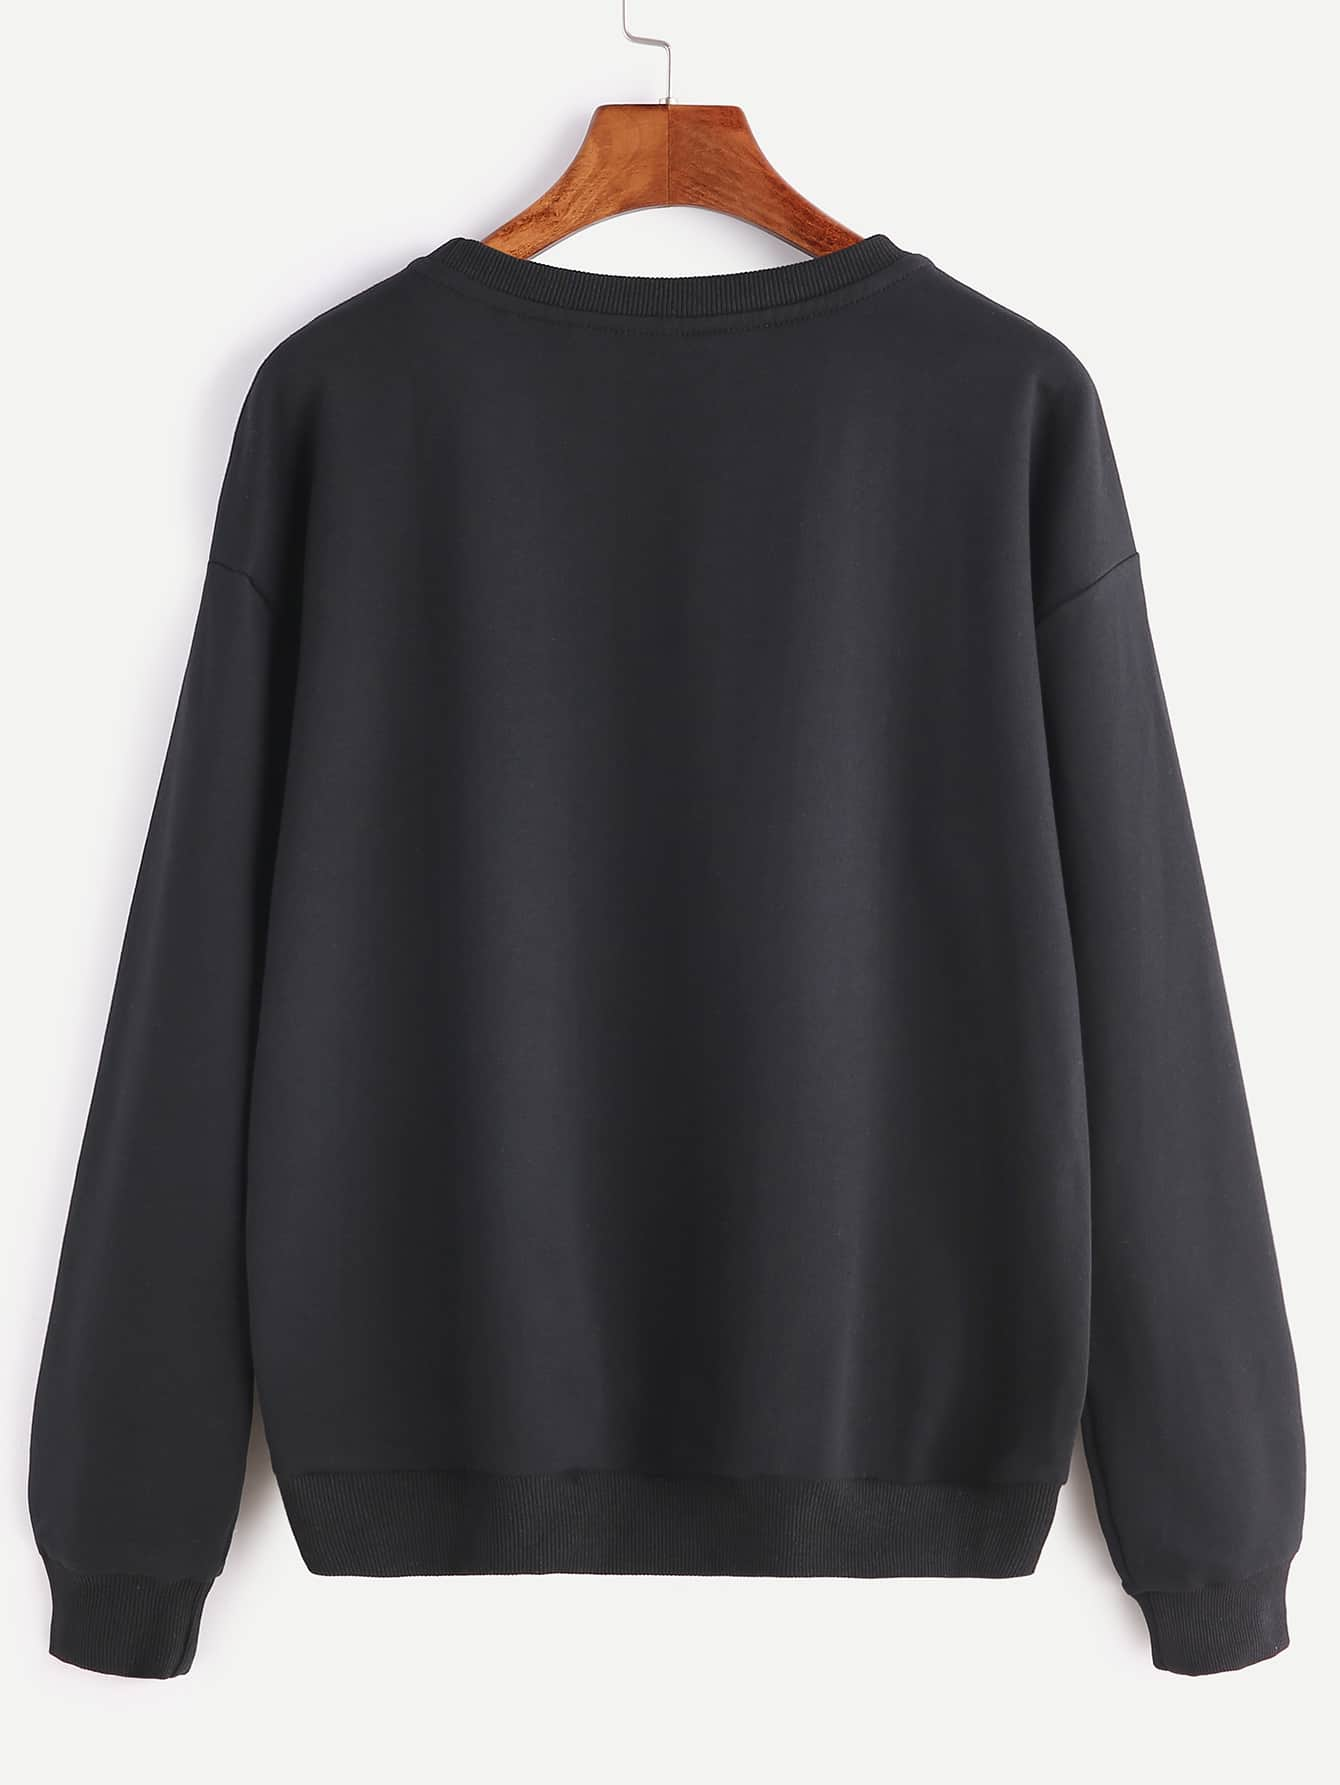 sweatshirt161107702_2